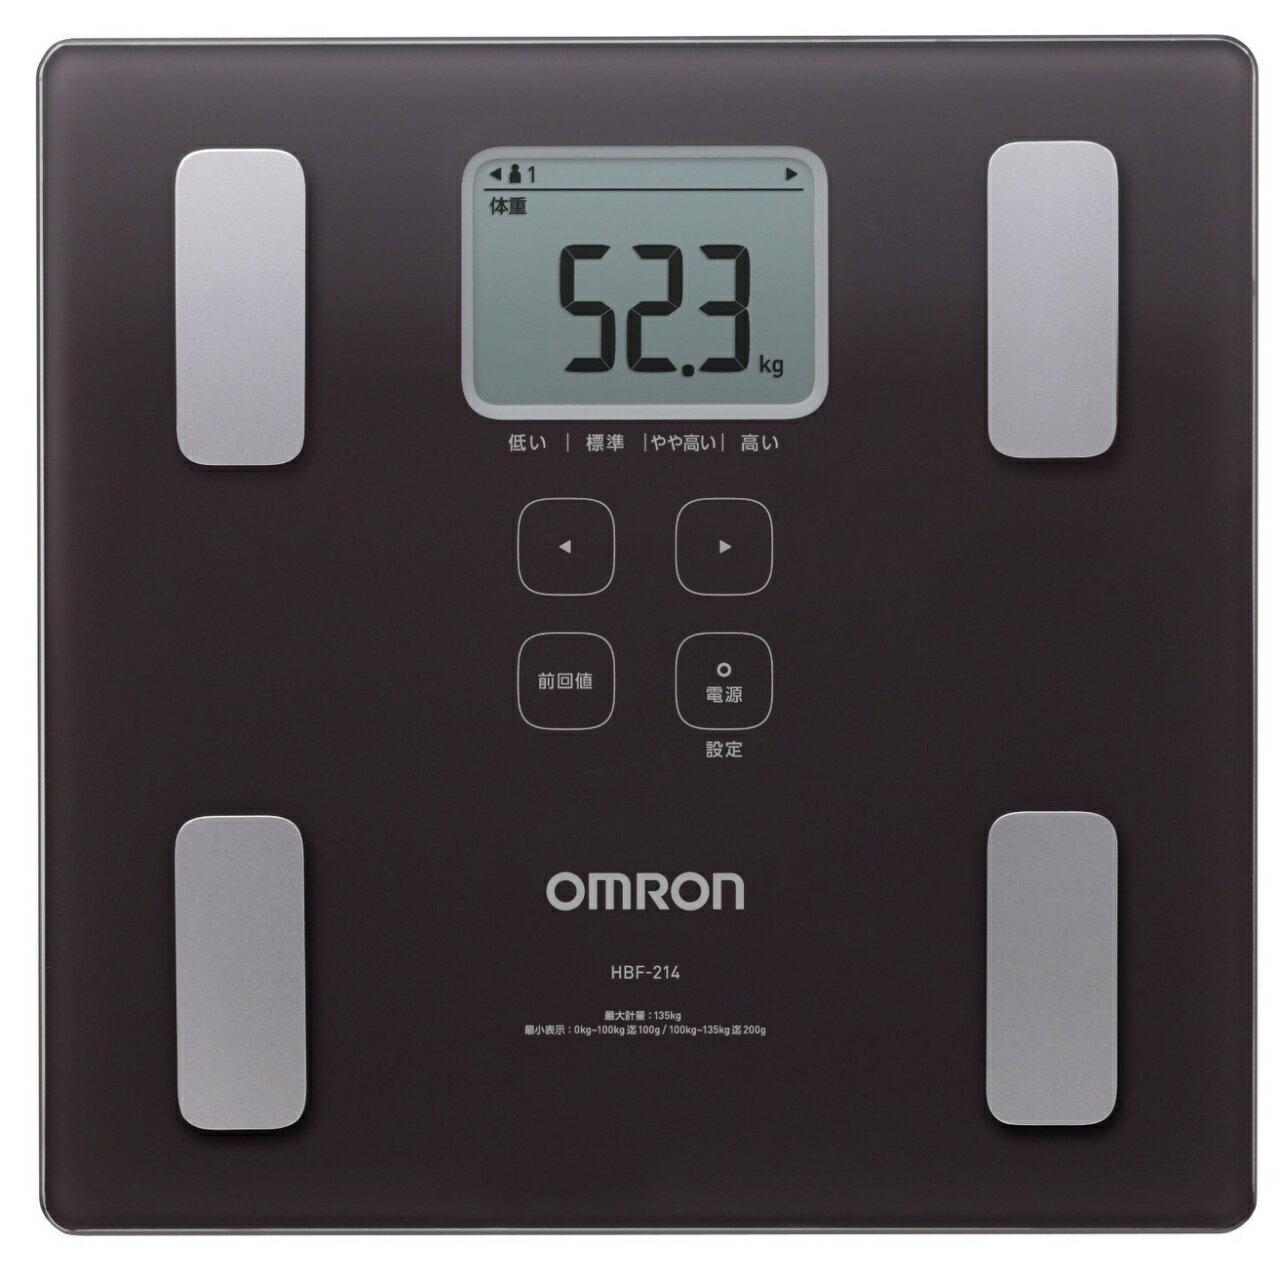 OMRON歐姆龍體脂肪計HBF-214(咖啡色),限量加贈專用提袋(送完為止)